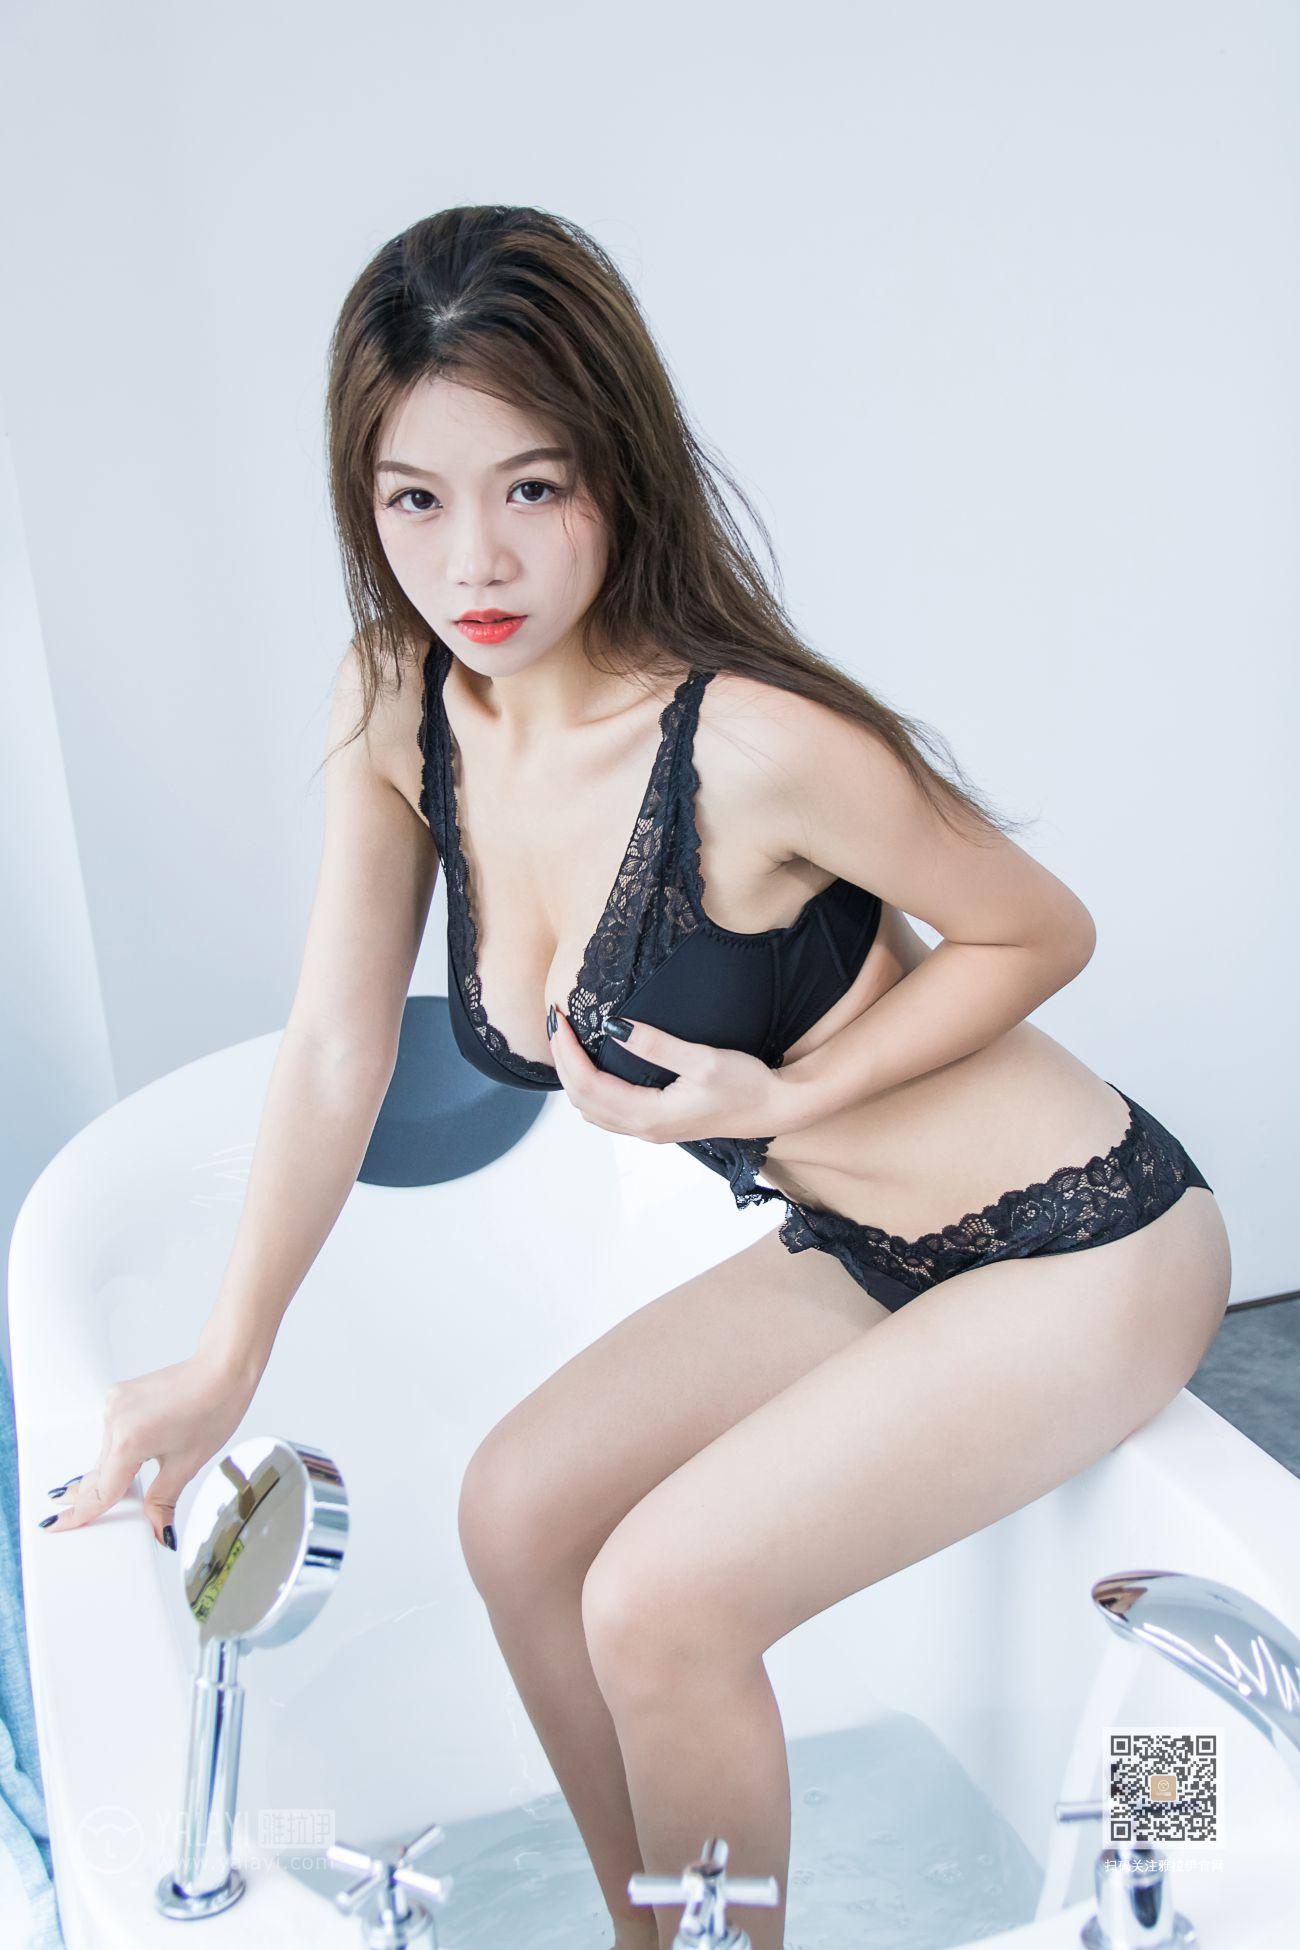 慧兒 [YALAYI雅拉伊]高清寫真圖 No.577一陣沐浴乳的香味瀰漫在房間裡[41P] - 貼圖 - 清涼寫真 -